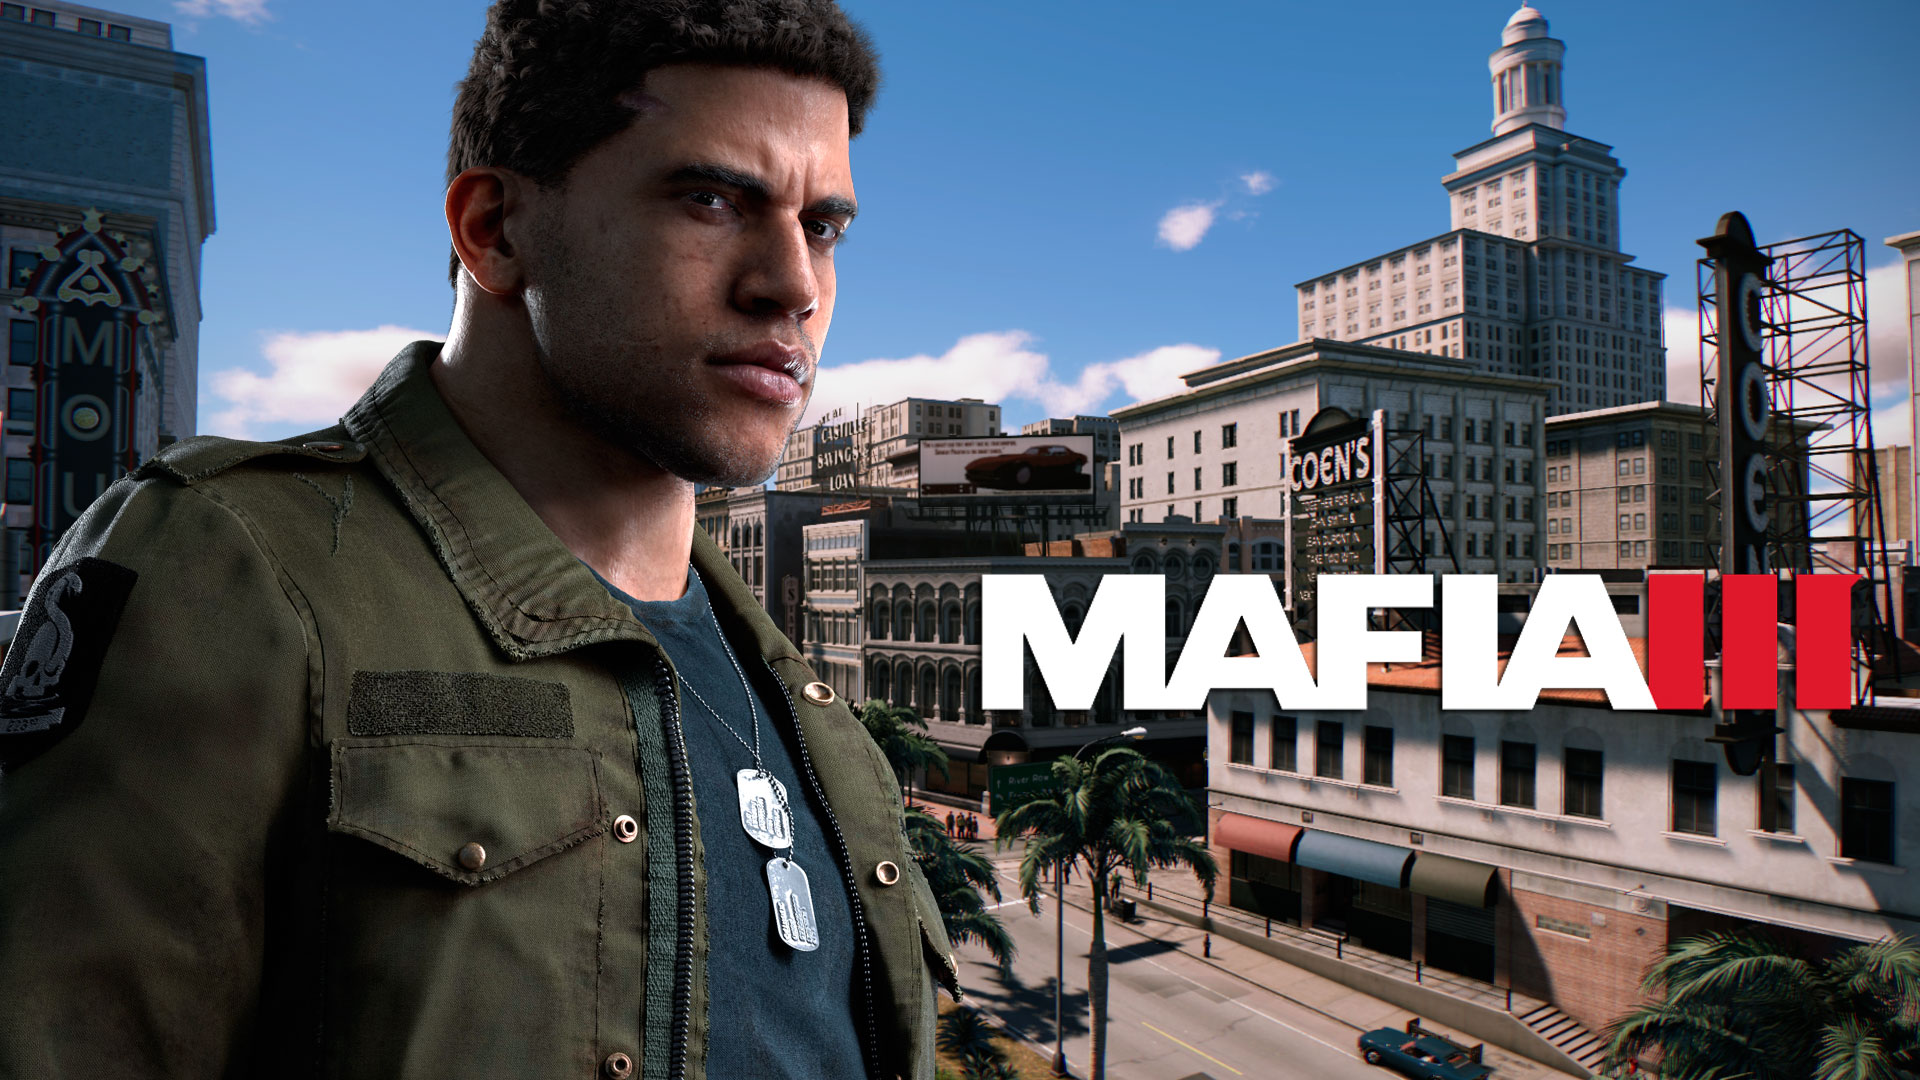 Mafia III nos anuncia su fecha de lanzamiento con este video [TRAILER]